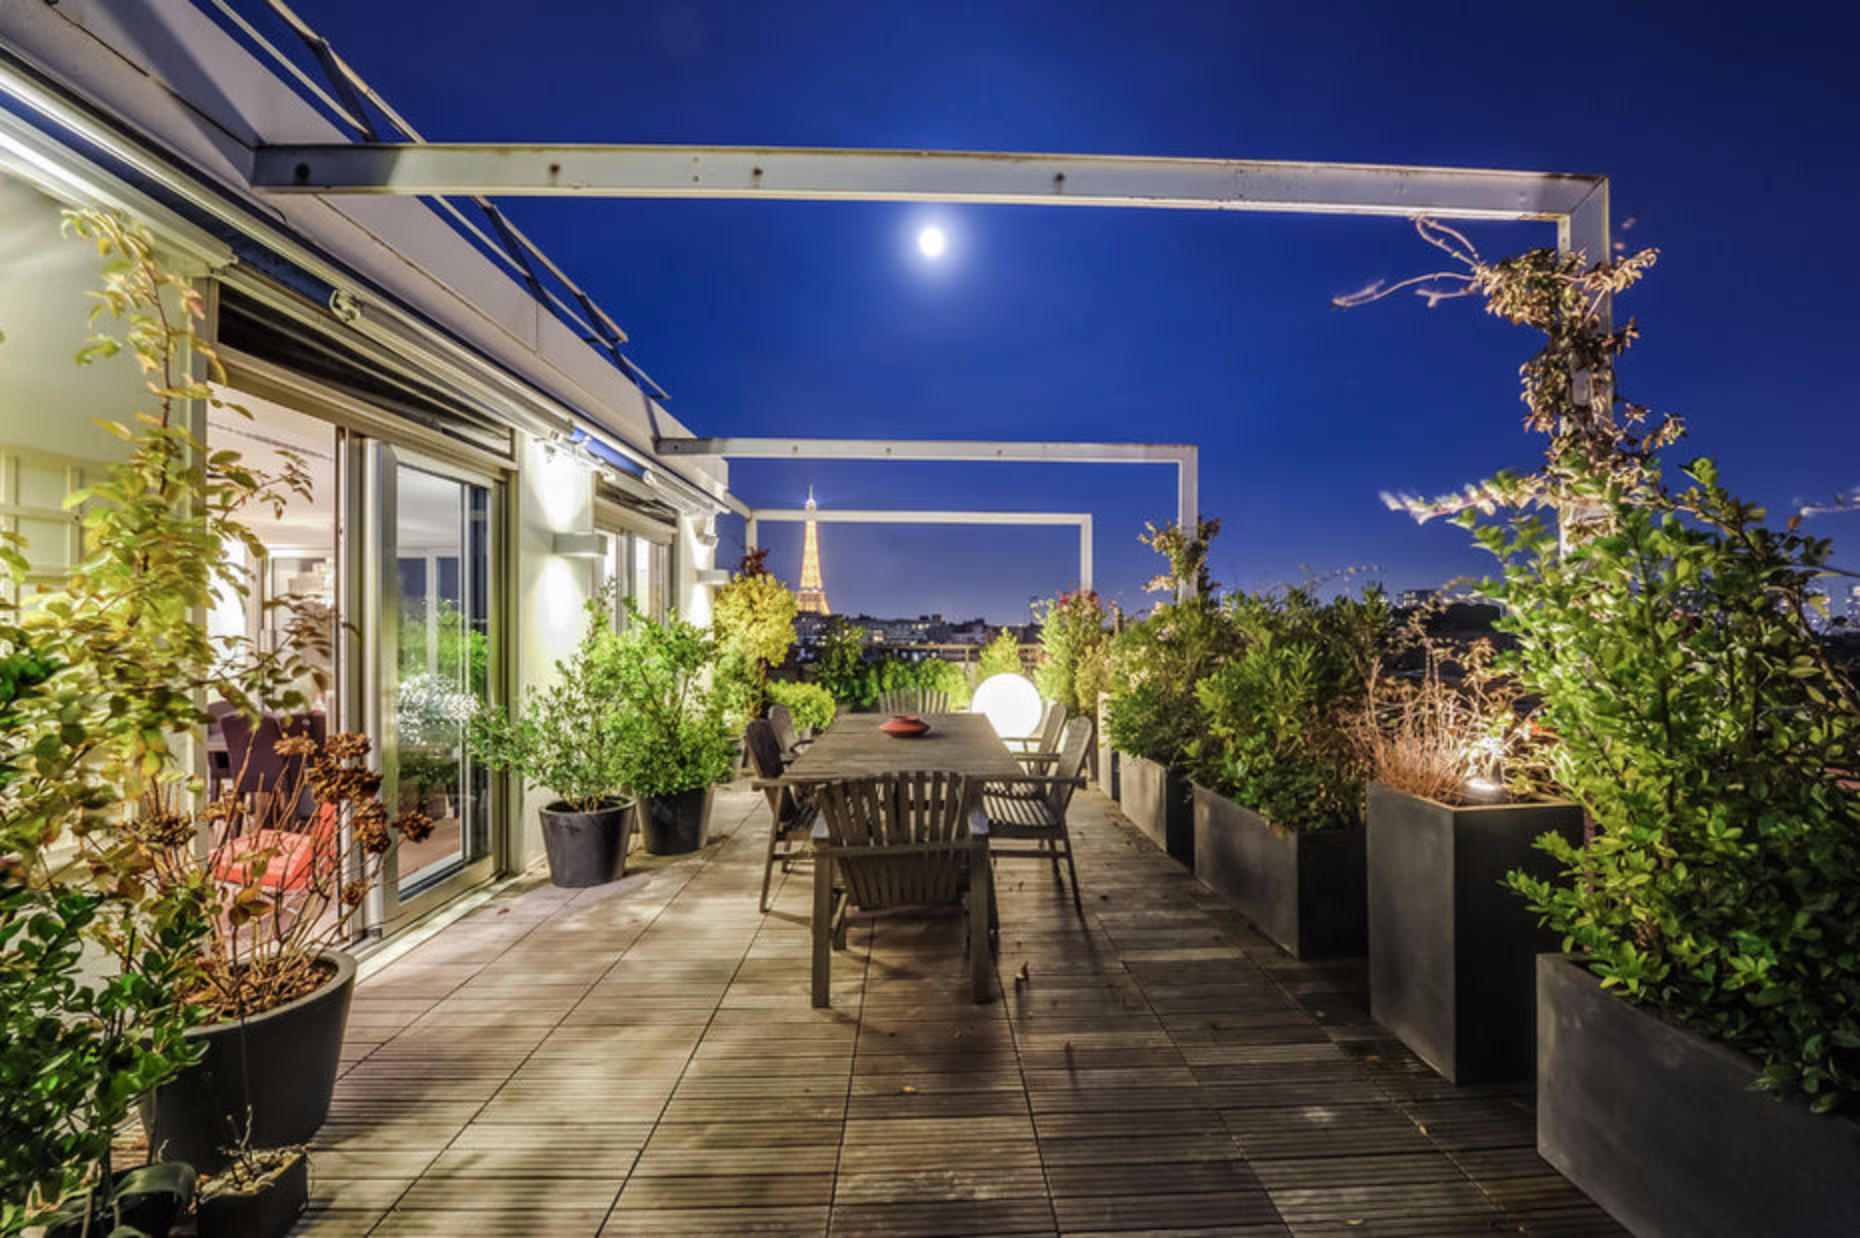 Acheter un appartement avec terrasse paris oui mais for Logement acheter